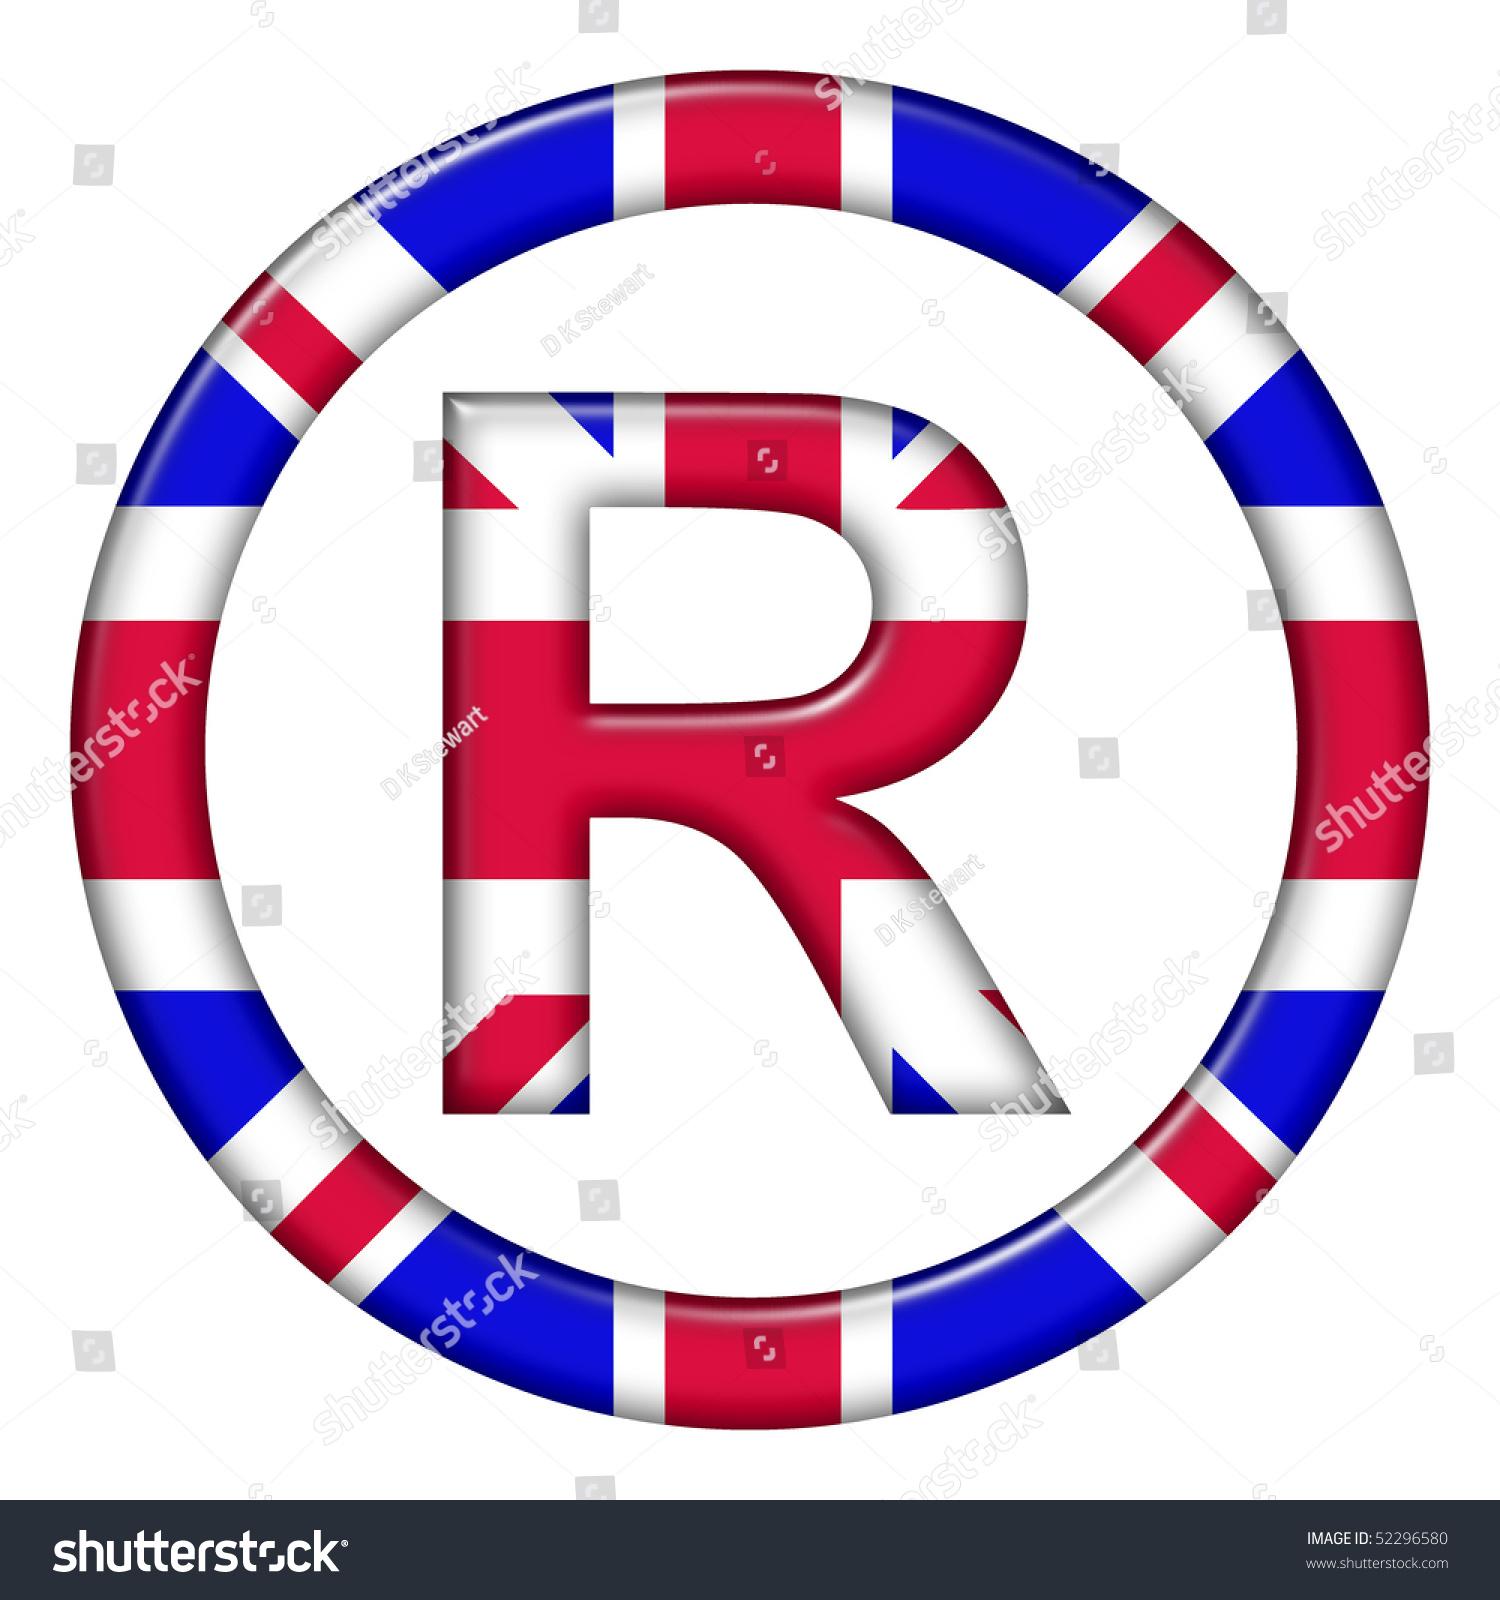 Registered trademark symbol showing uk flag stock illustration registered trademark symbol showing uk flag buycottarizona Gallery